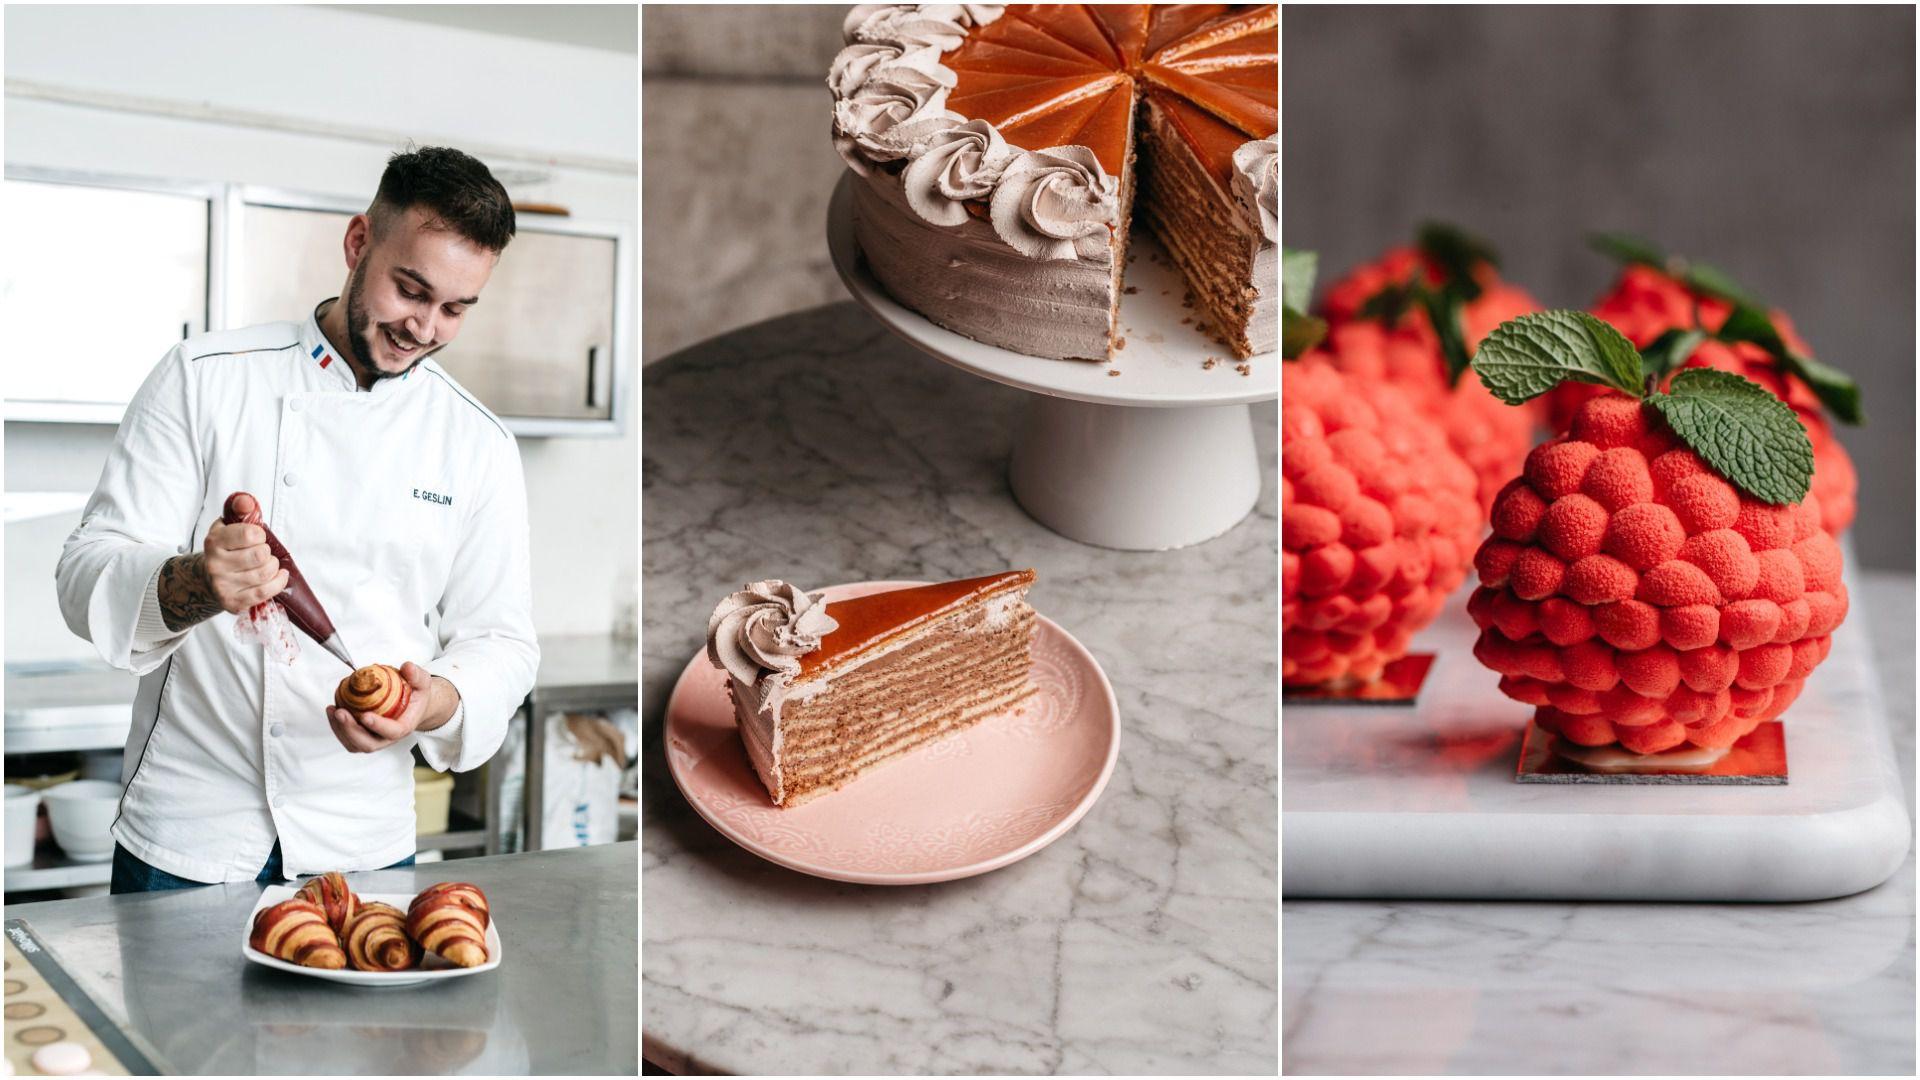 Slatke novosti iz omiljene zagrebačke slastičarnice: Francuski slastičar u Magnoliji priprema delicije kojima je teško odoljeti